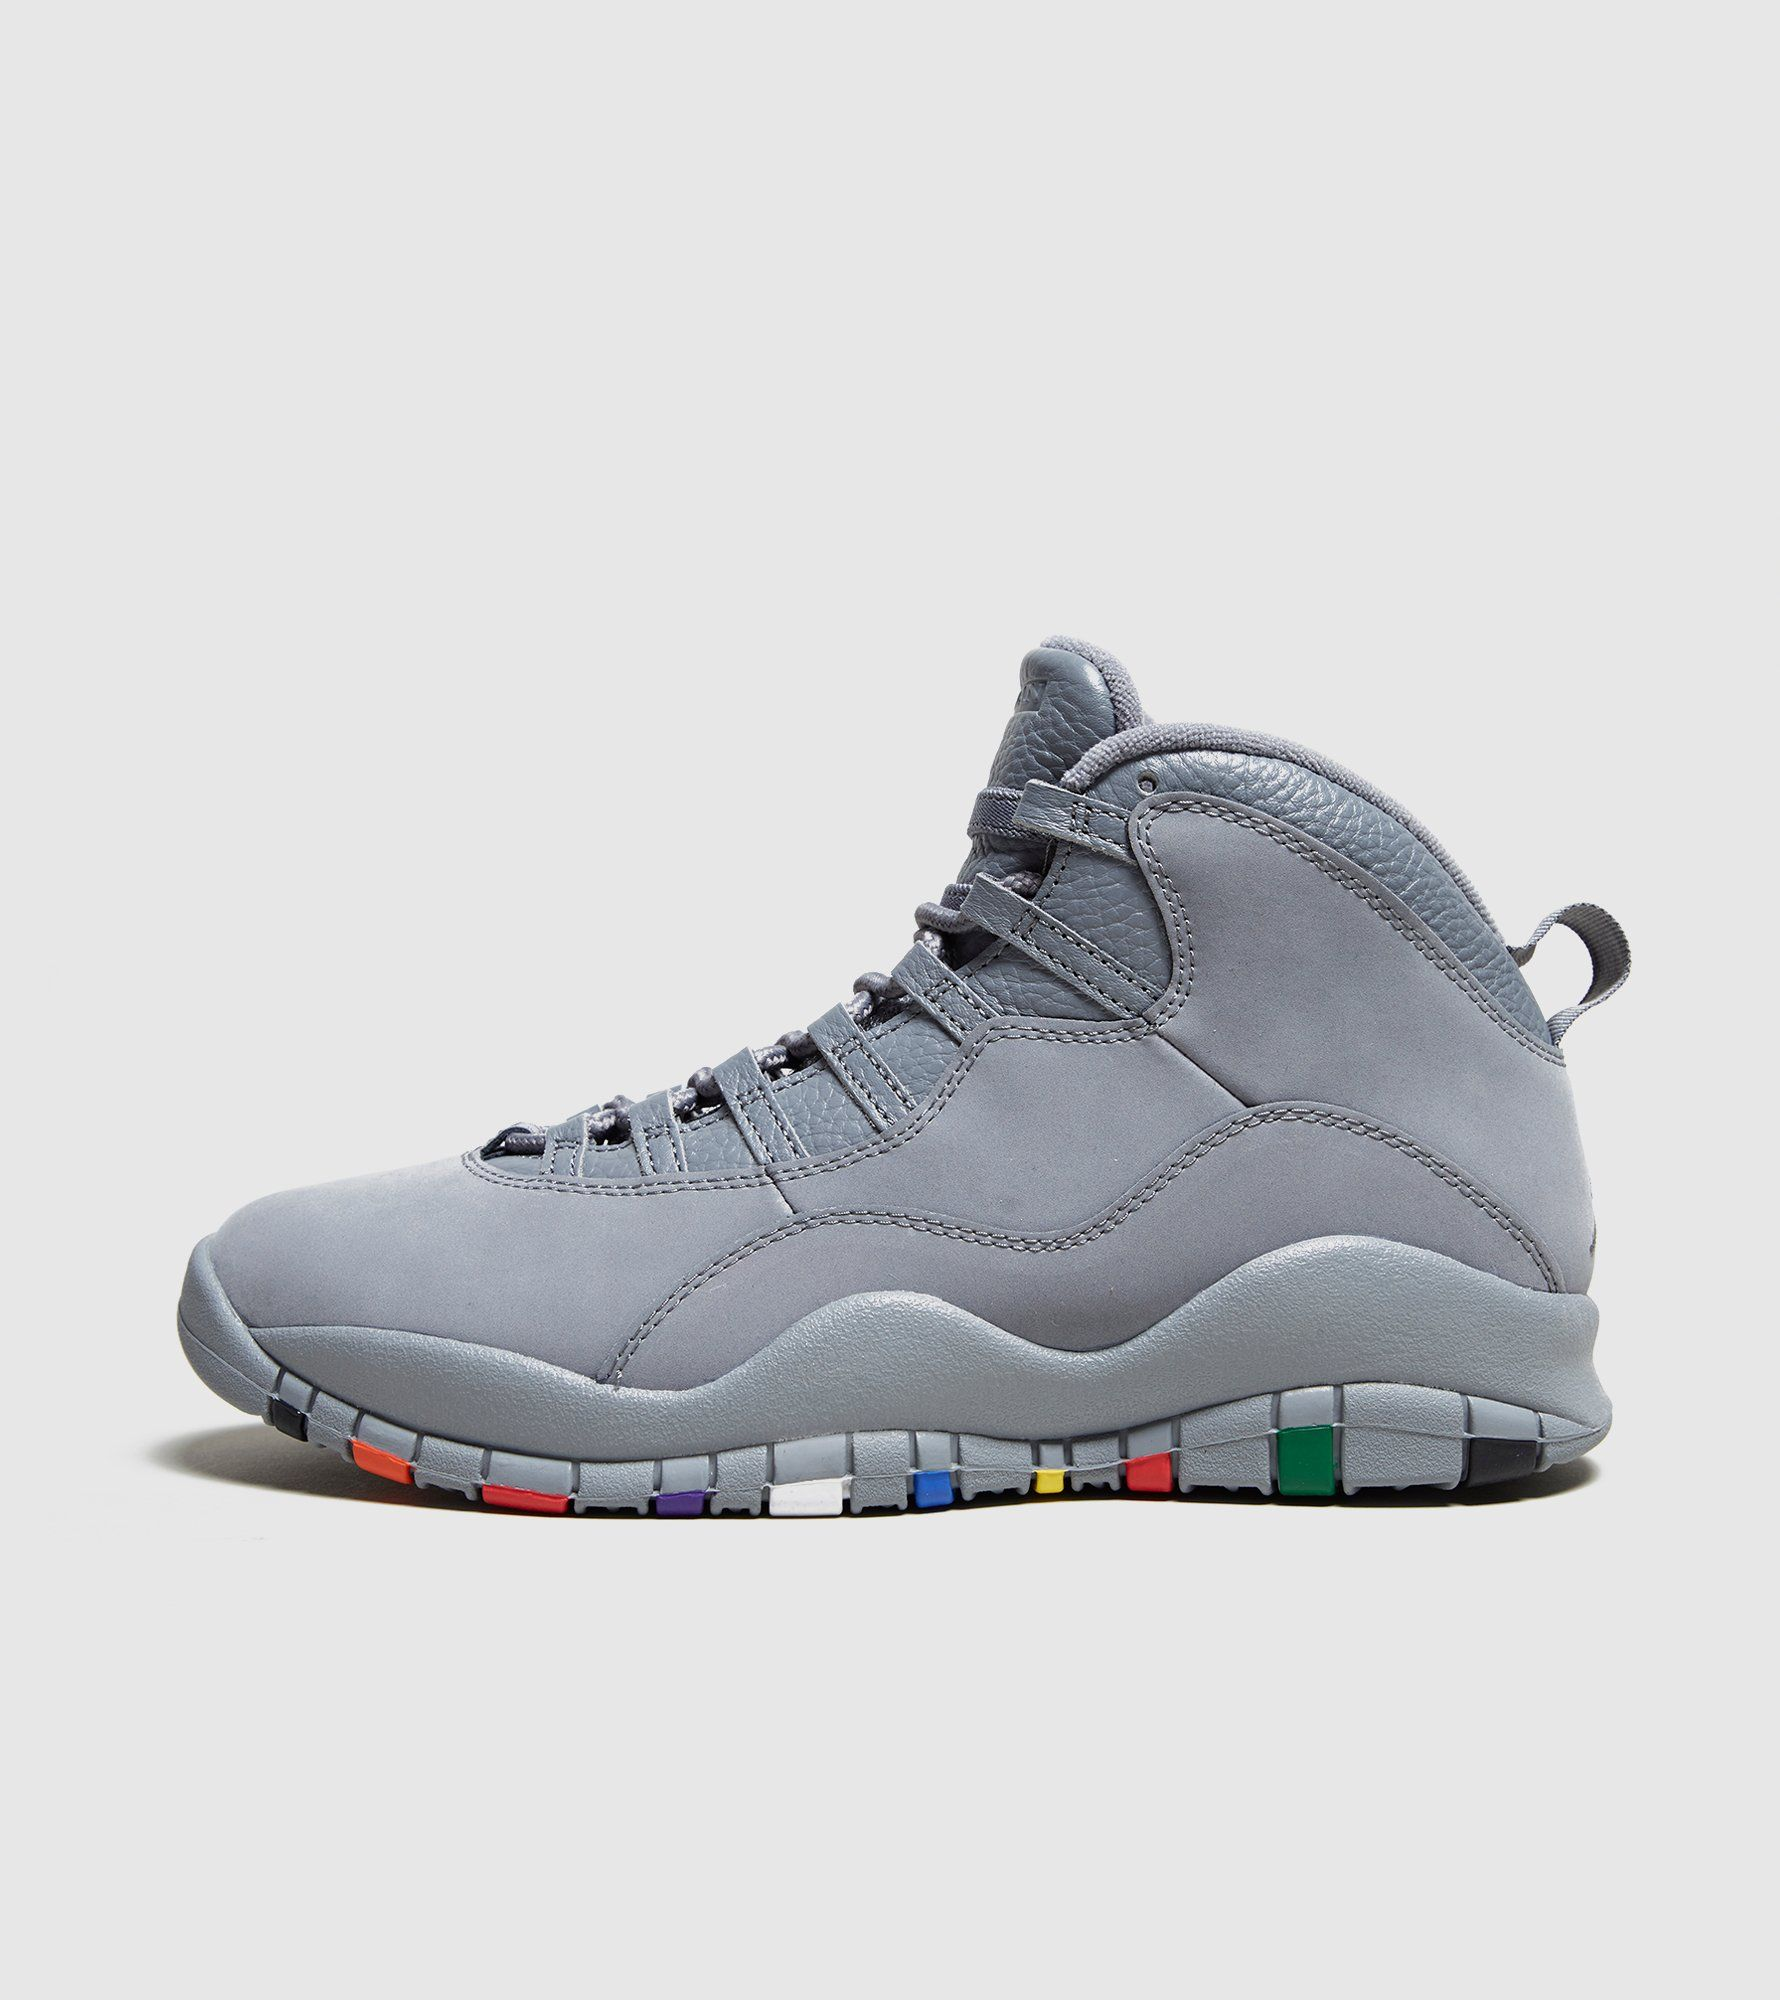 Jordan 10